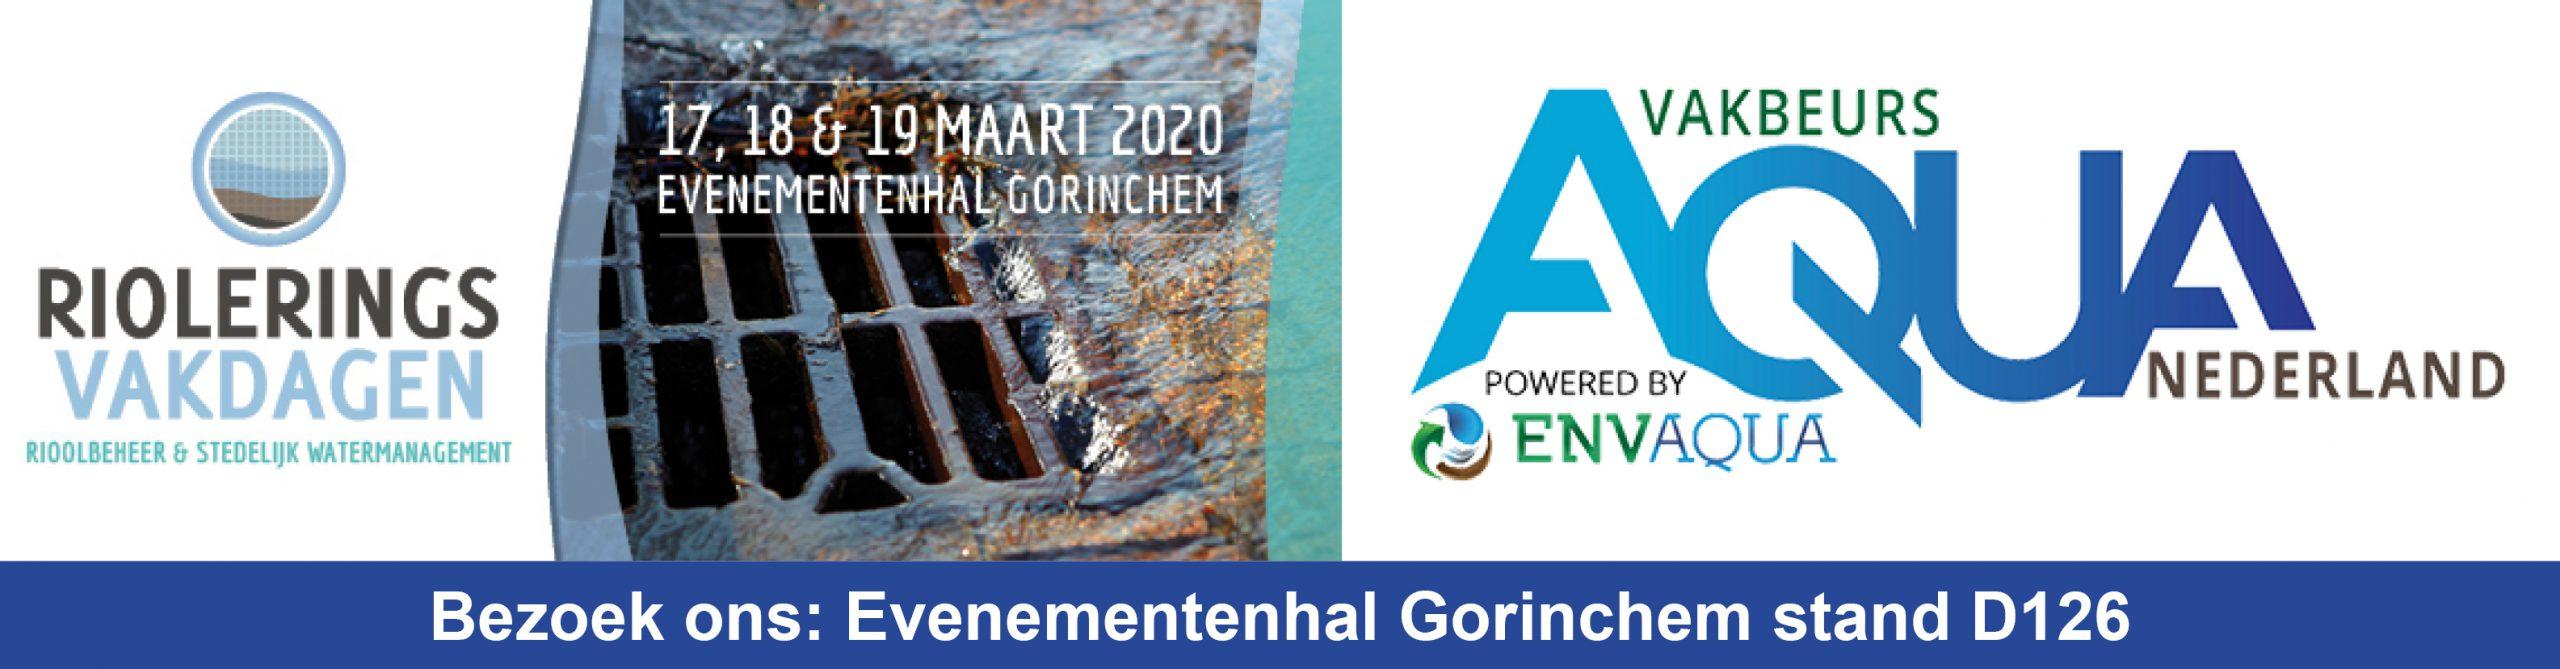 RioleringsVakdagen_Aqua_Nederland_Vakbeurs_2020